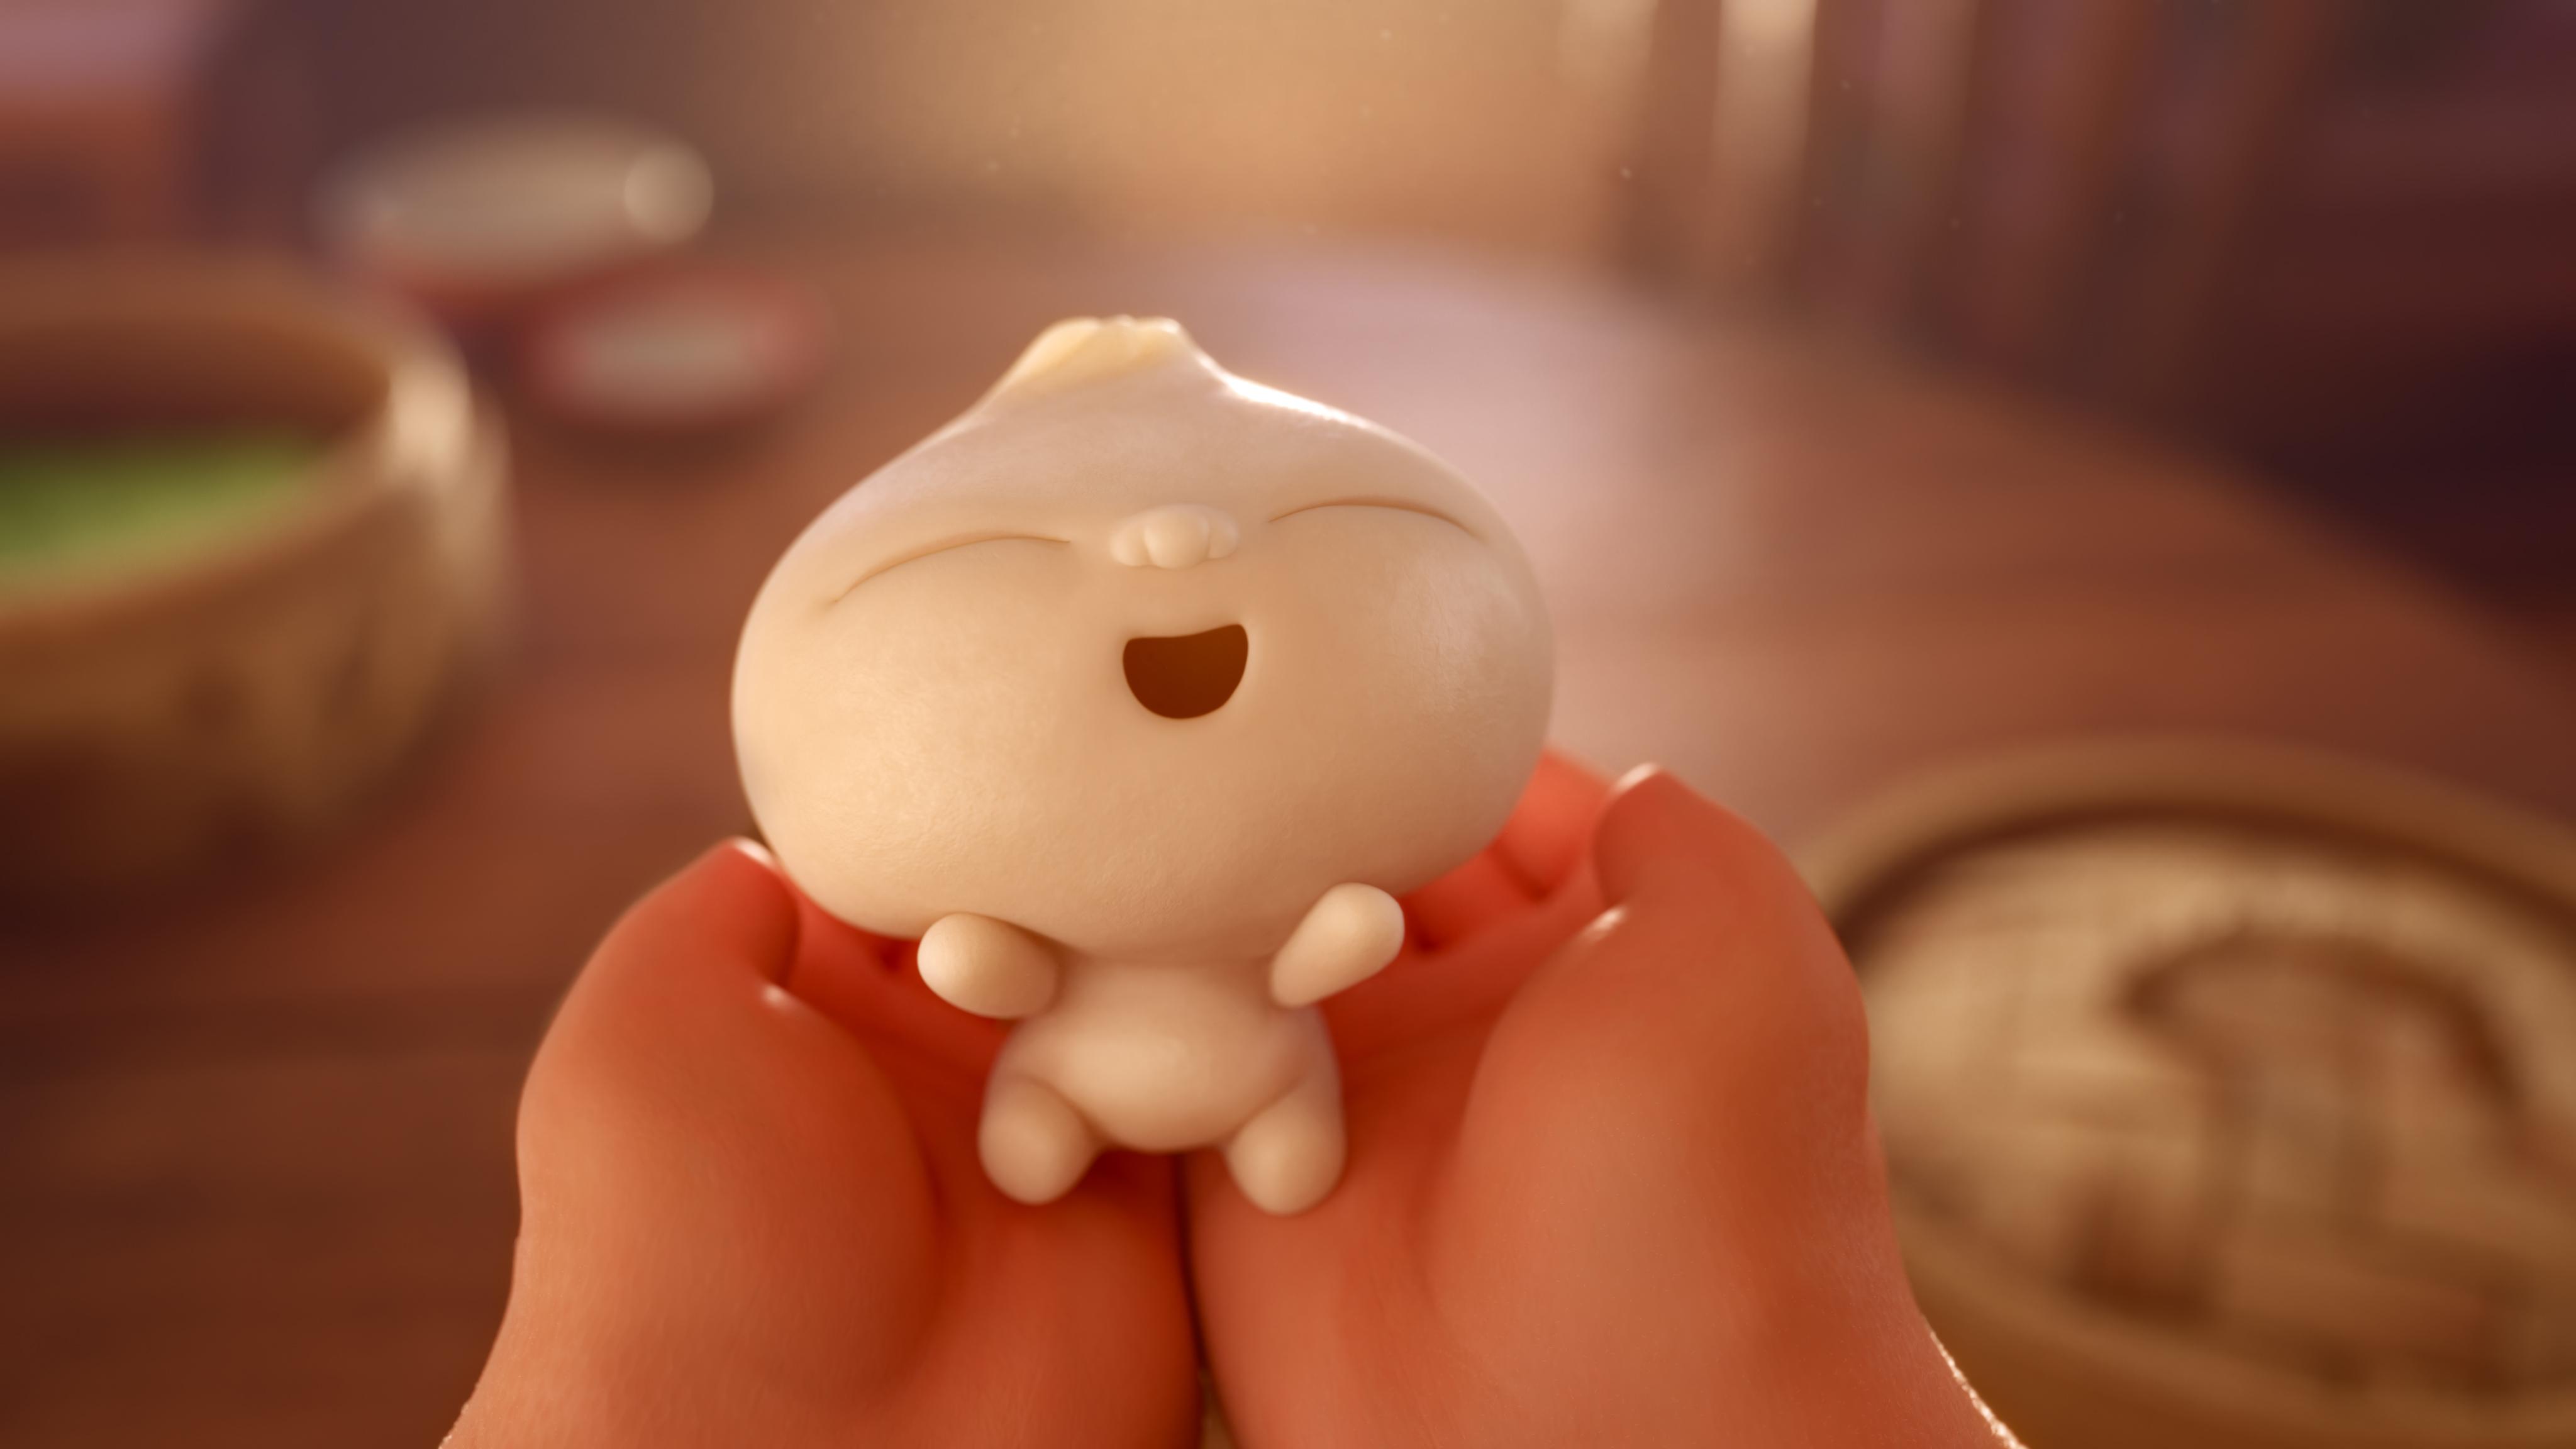 Bao – Premiul Oscar pentru scurtmetraj de animație